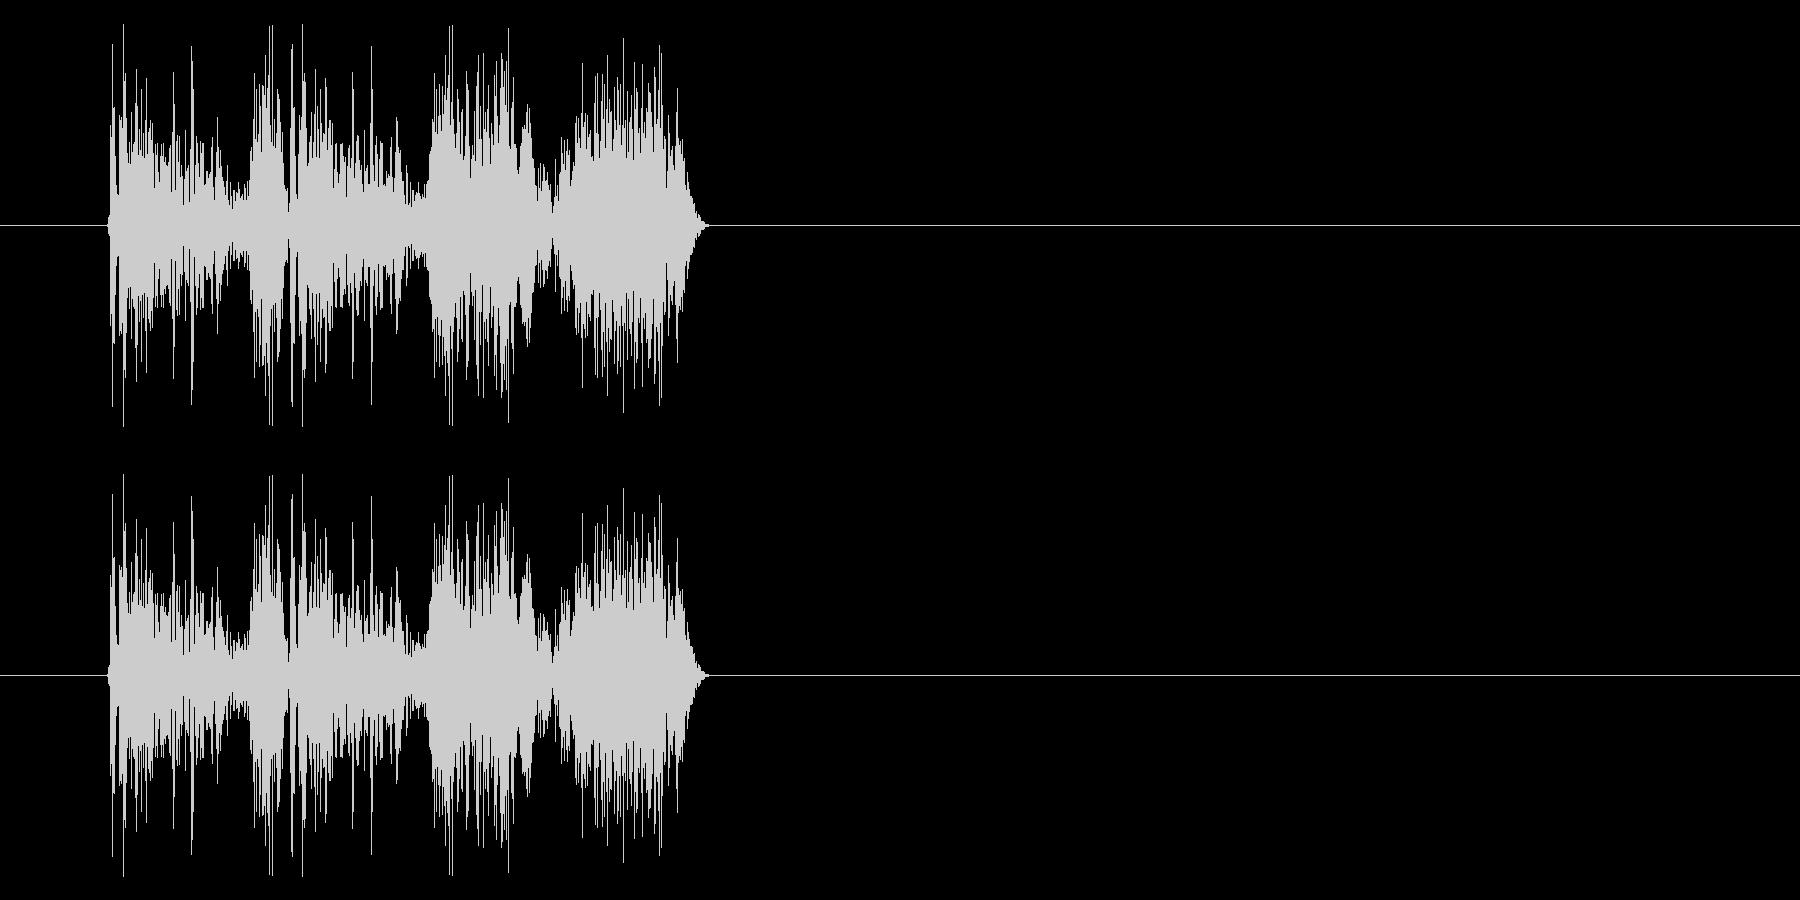 斬る04-2の未再生の波形